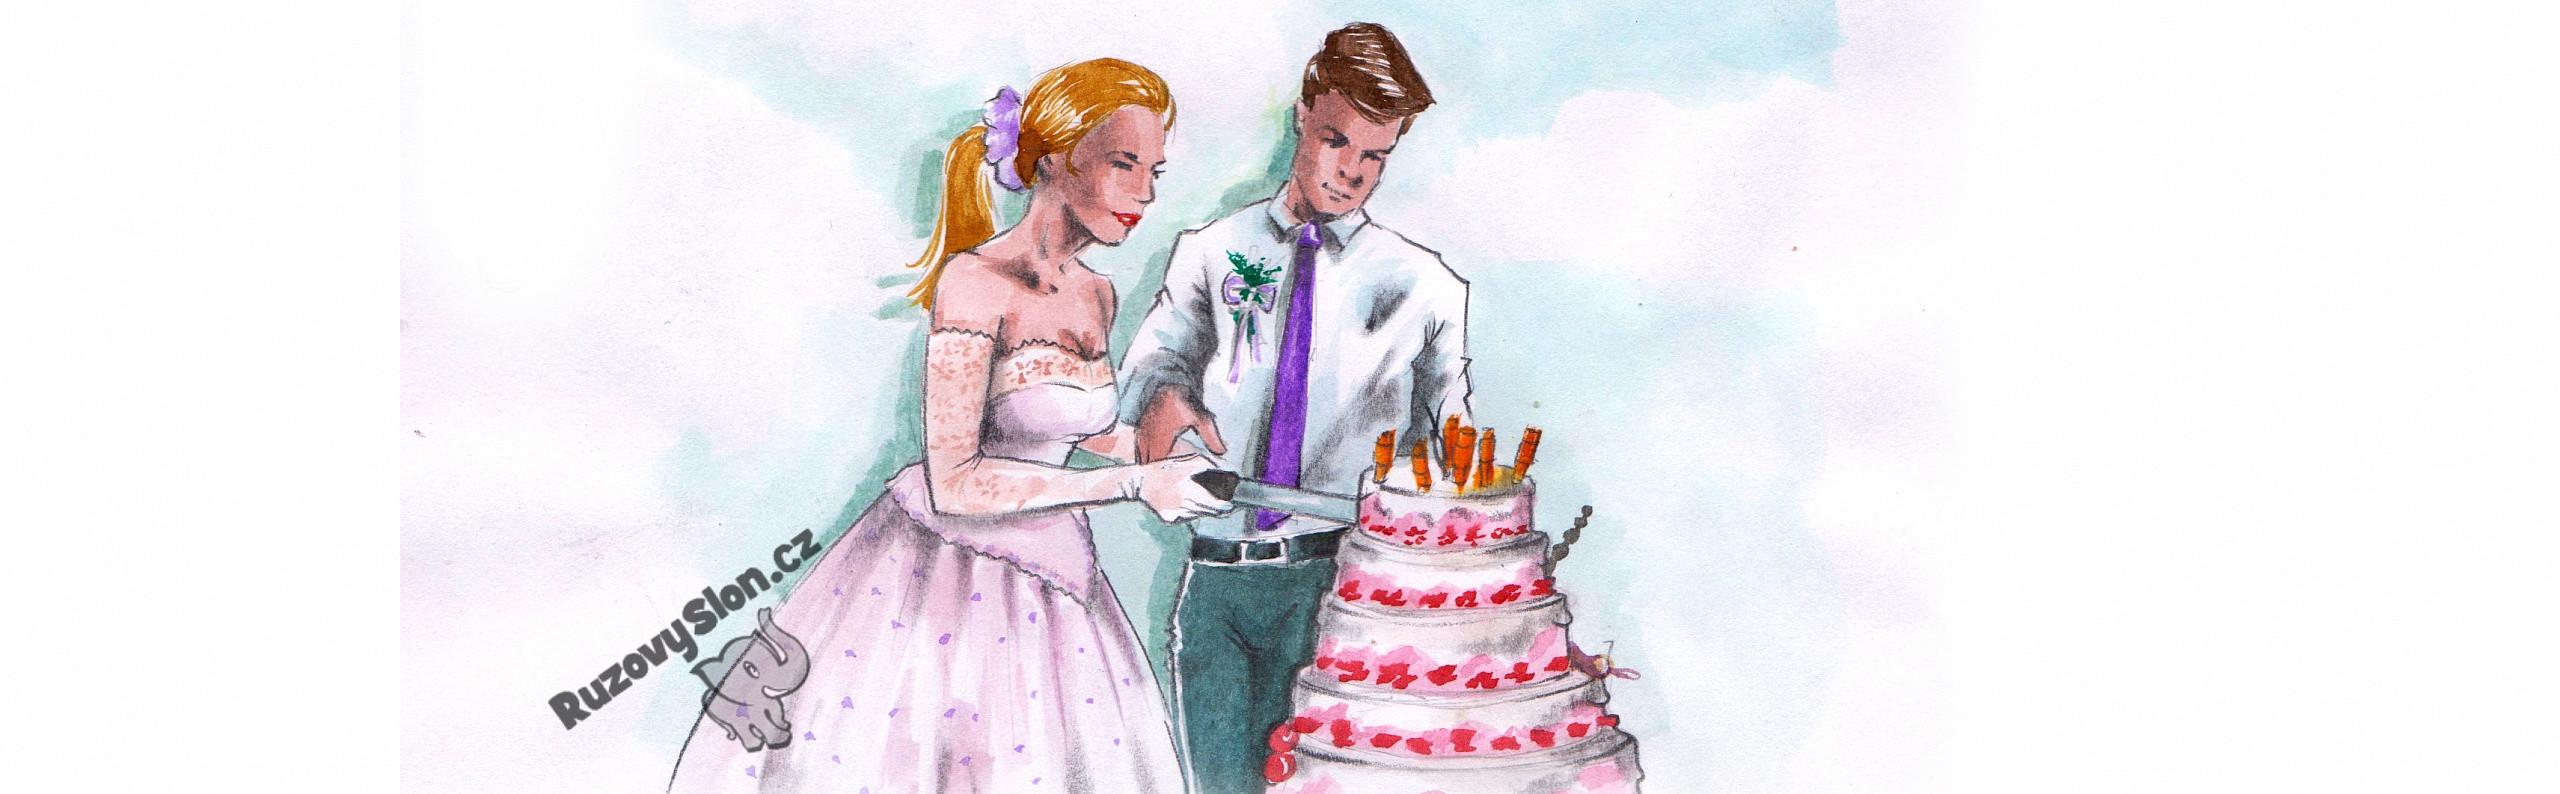 Manželé krájí svatební dort